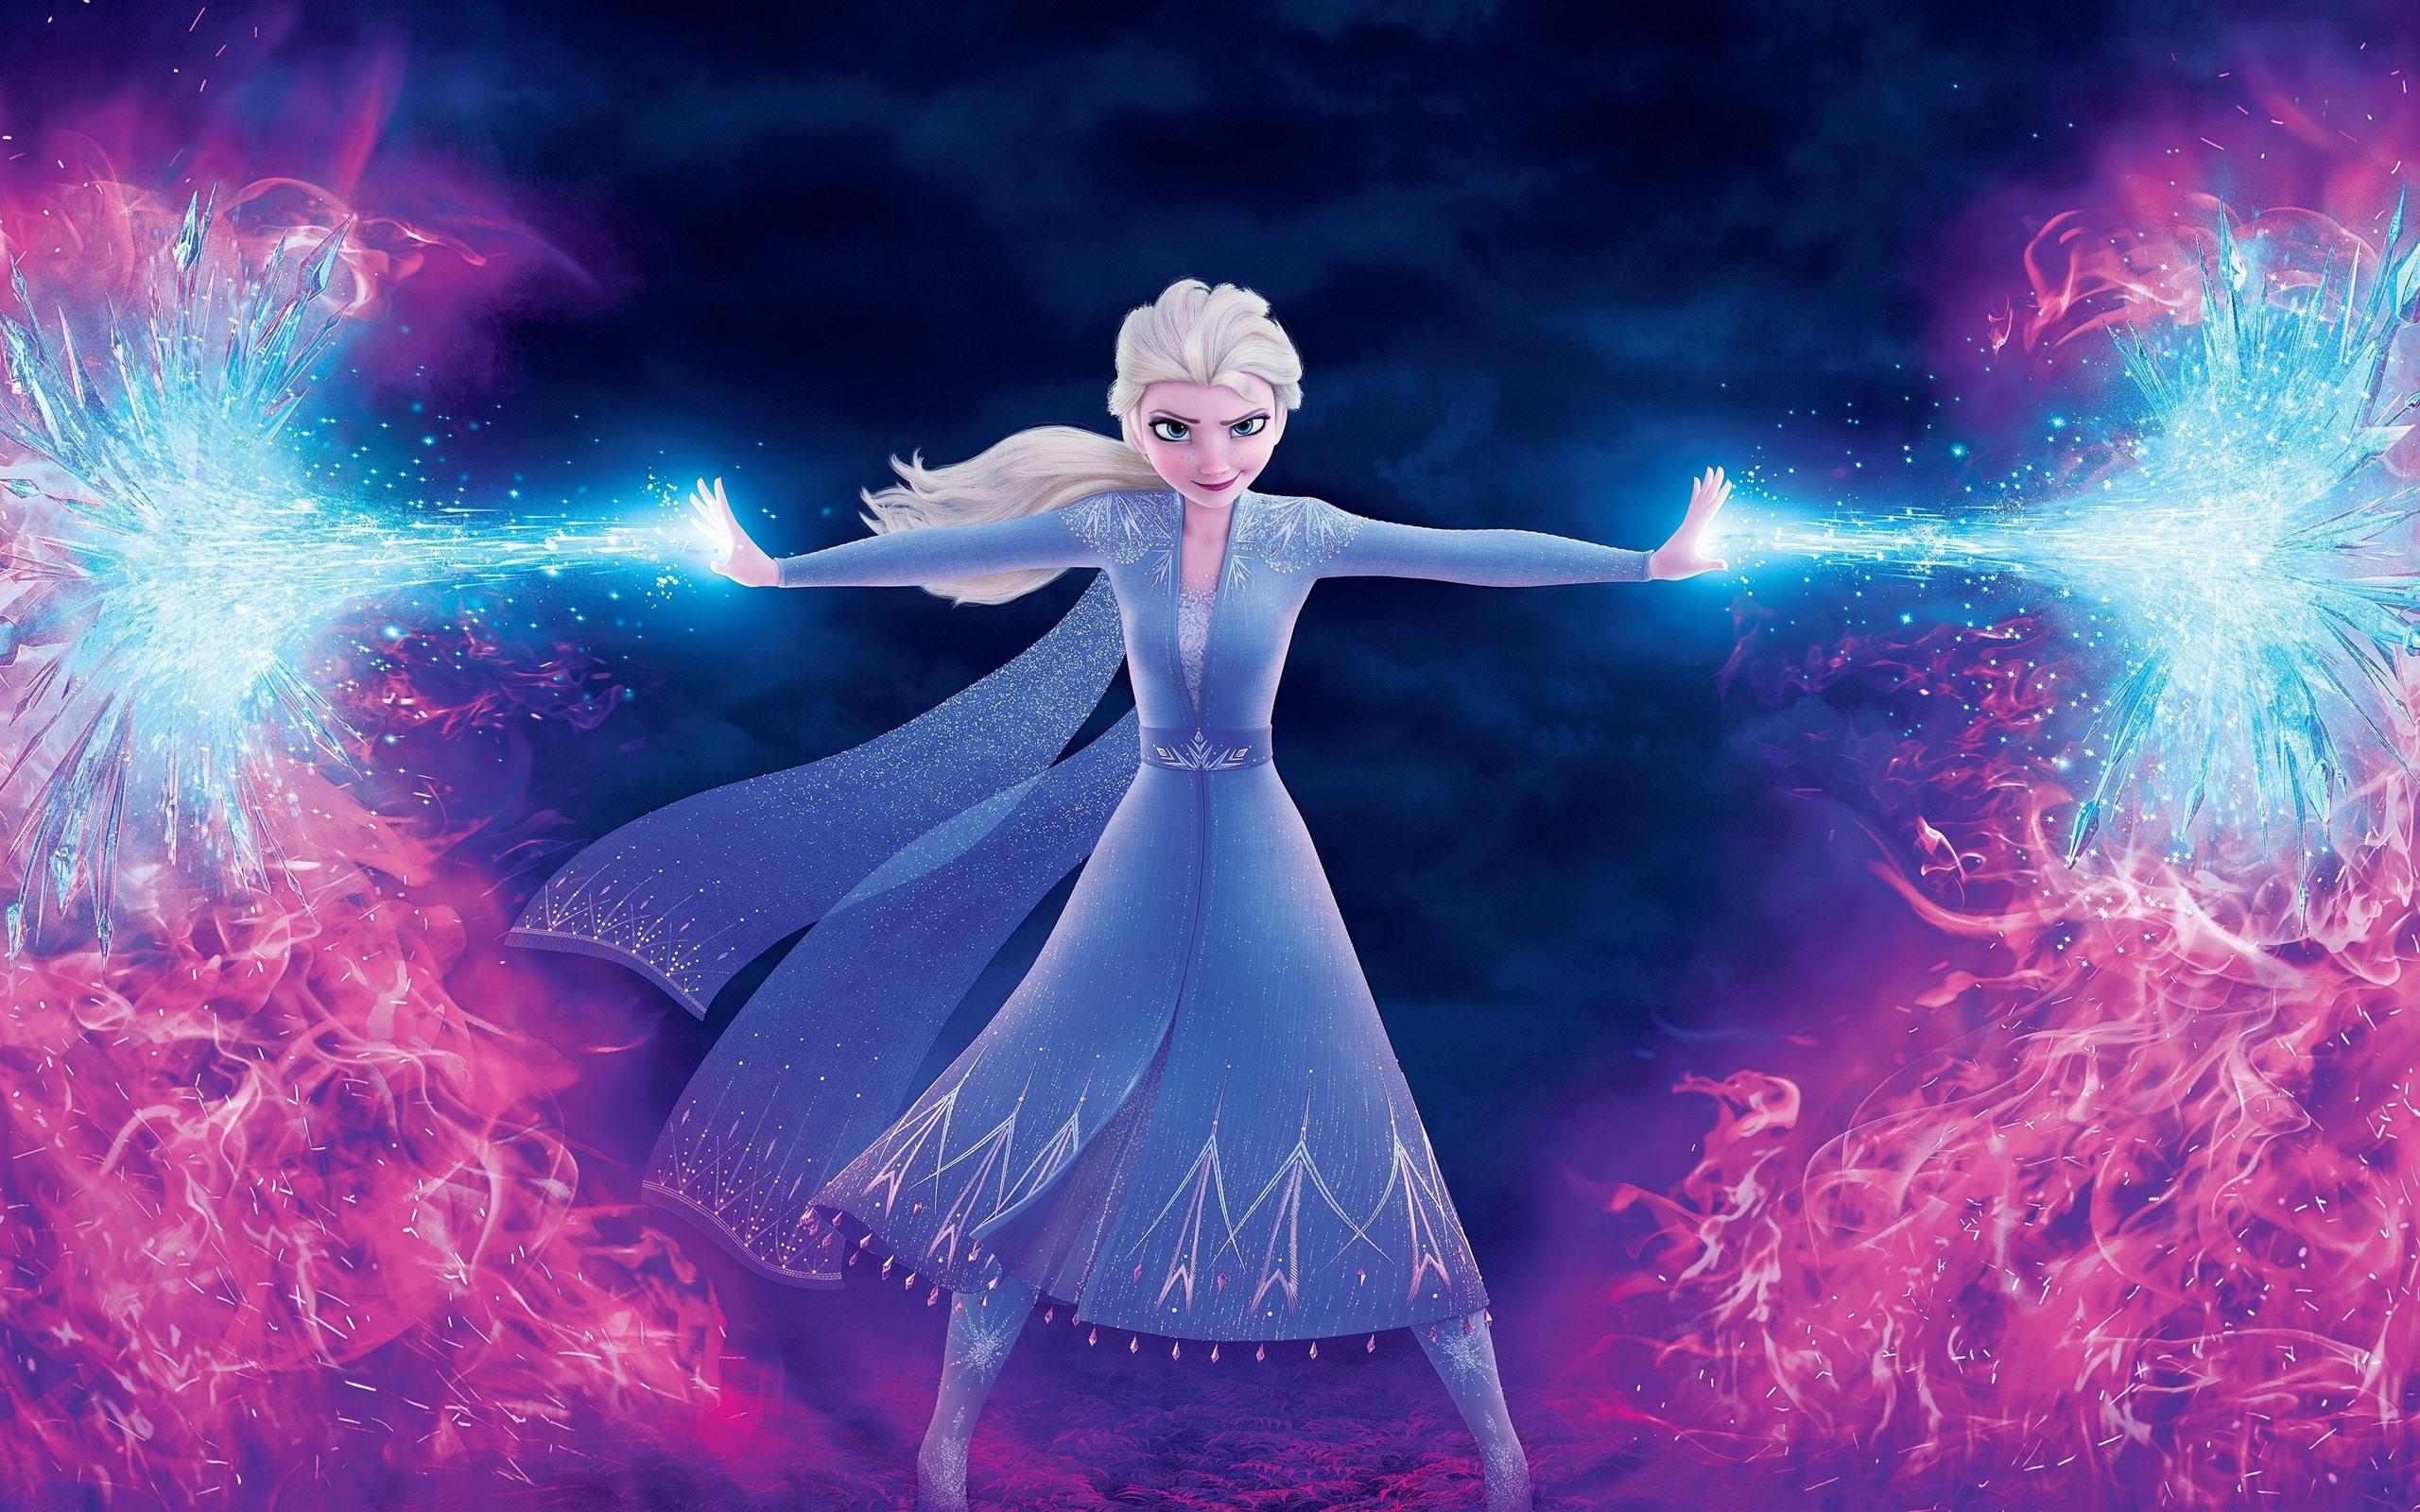 壁紙 エルザ 魔法 氷と炎 アナと雪の女王2 3840x2160 Uhd 4k 無料の